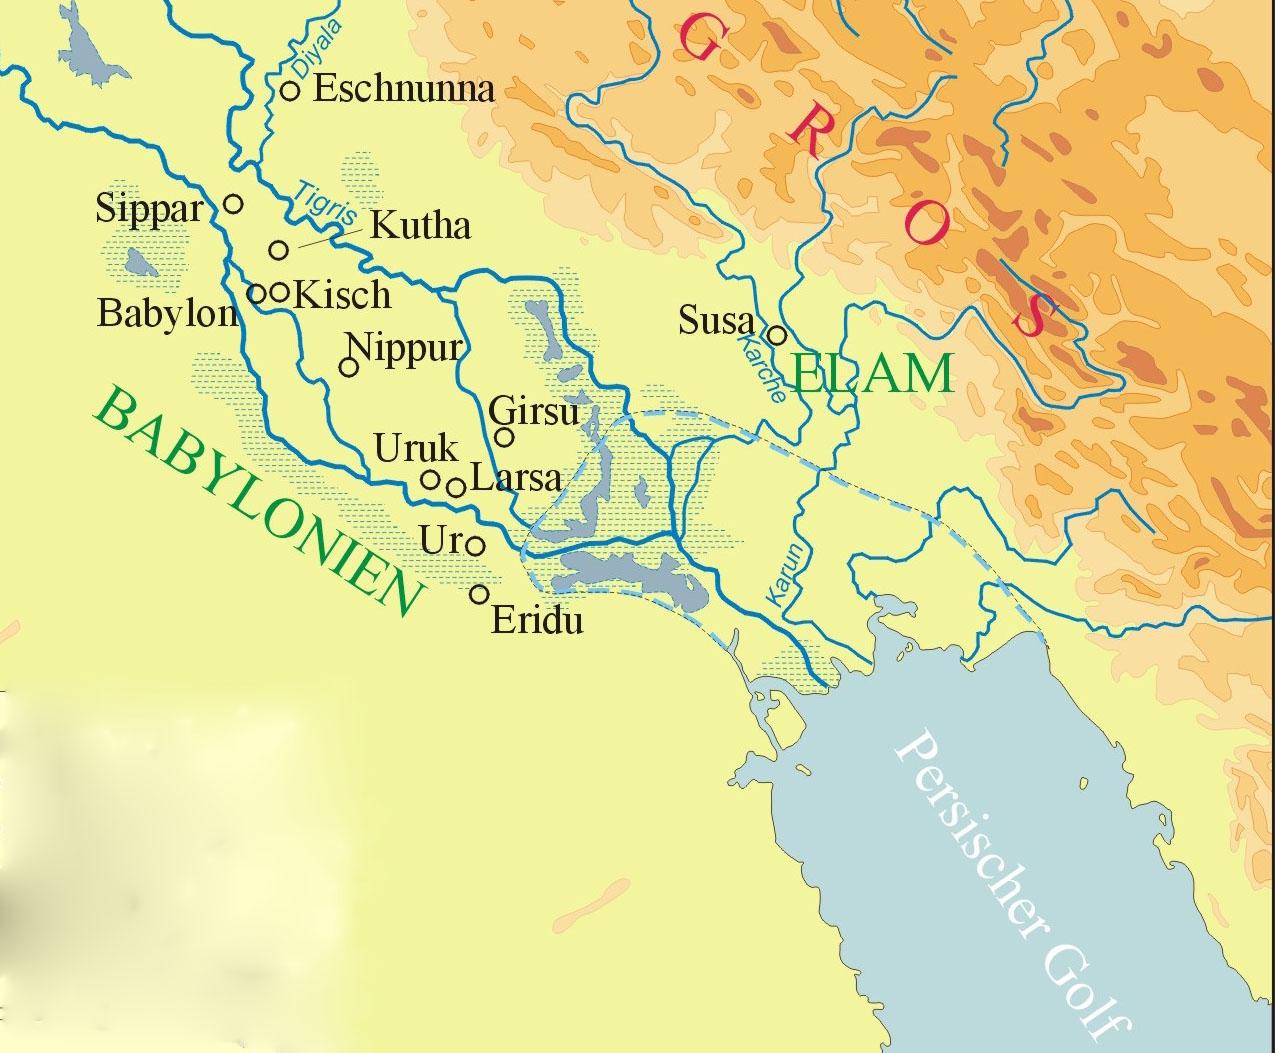 Tagung zur Archäologie und Geschichte Elams - <span style=